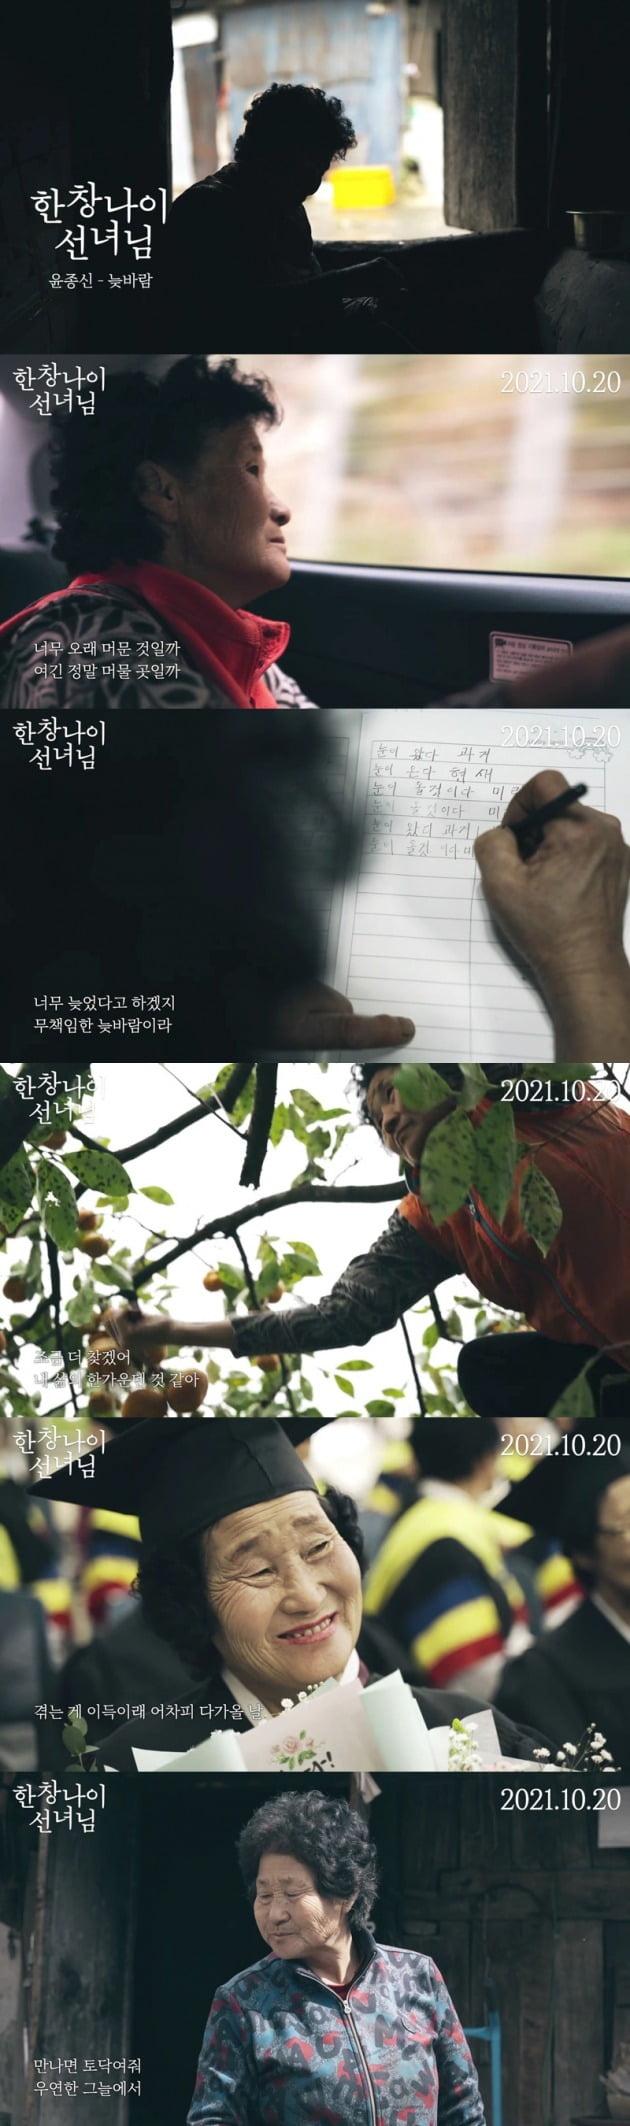 영화 '한창나이 선녀님'과 콜라보한 윤종신 '늦바람' 뮤직비디오. / 사진제공=큰물고기미디어, 트리플픽쳐스